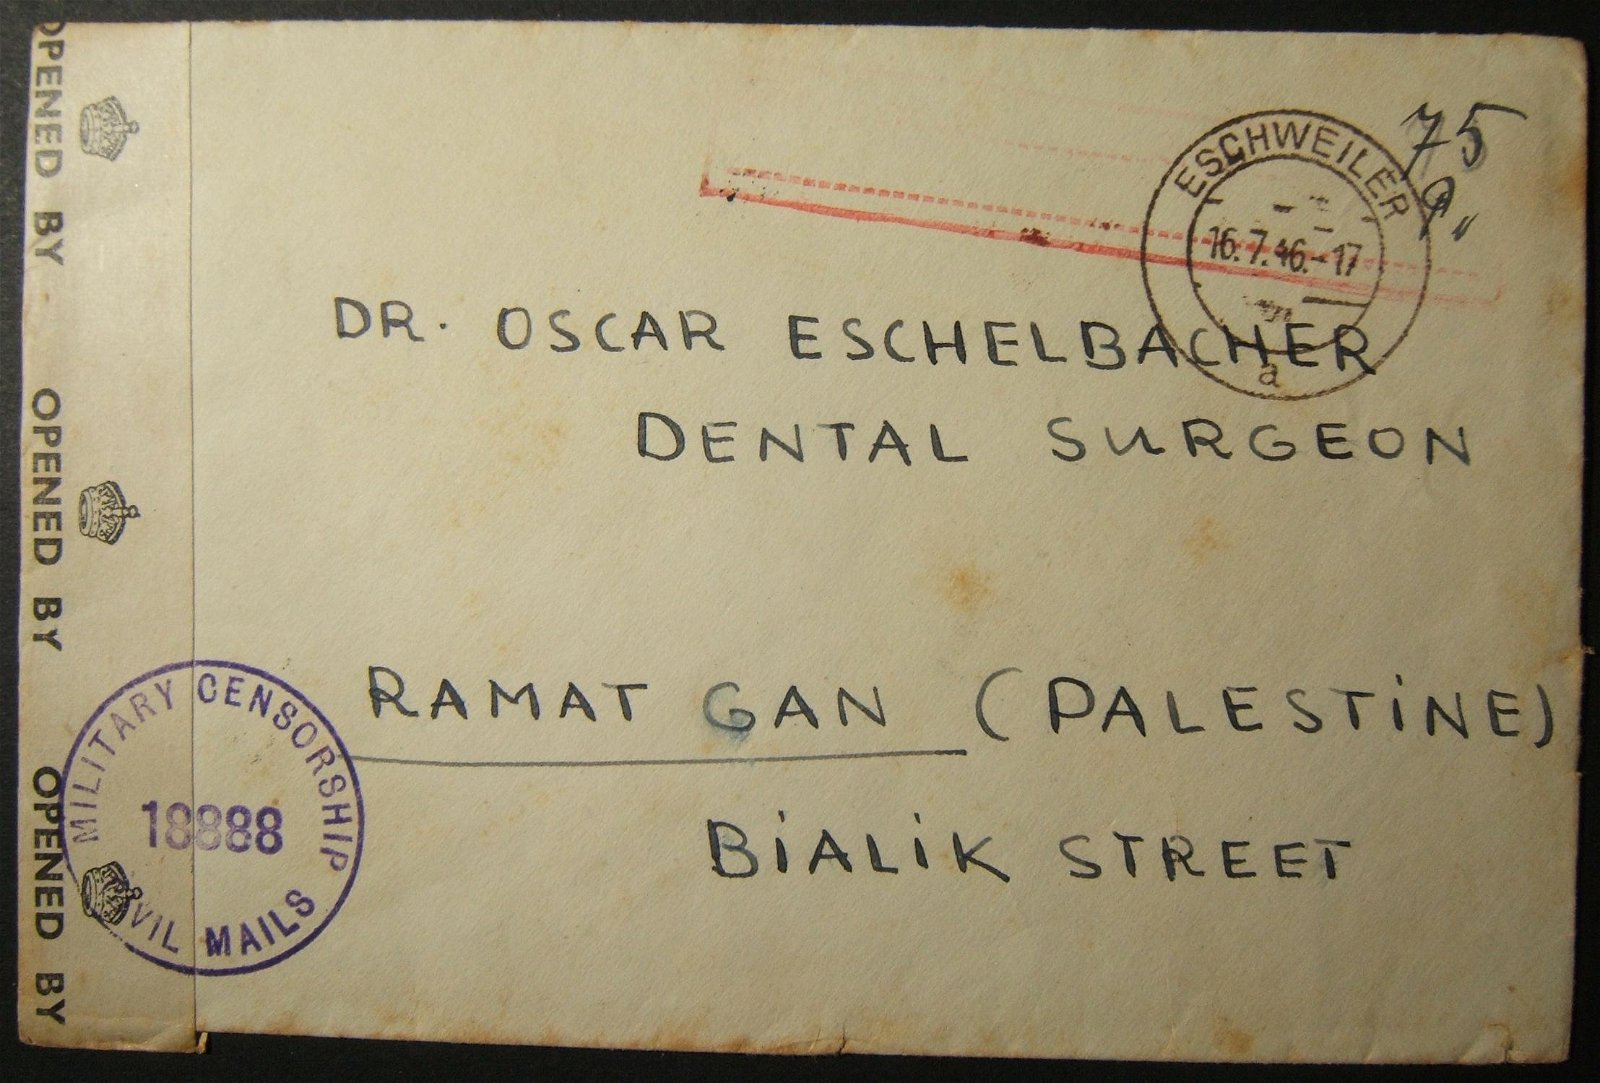 1946 Post-WWII/Holocaust Jewish cv ESCHWEILER - RAMAT